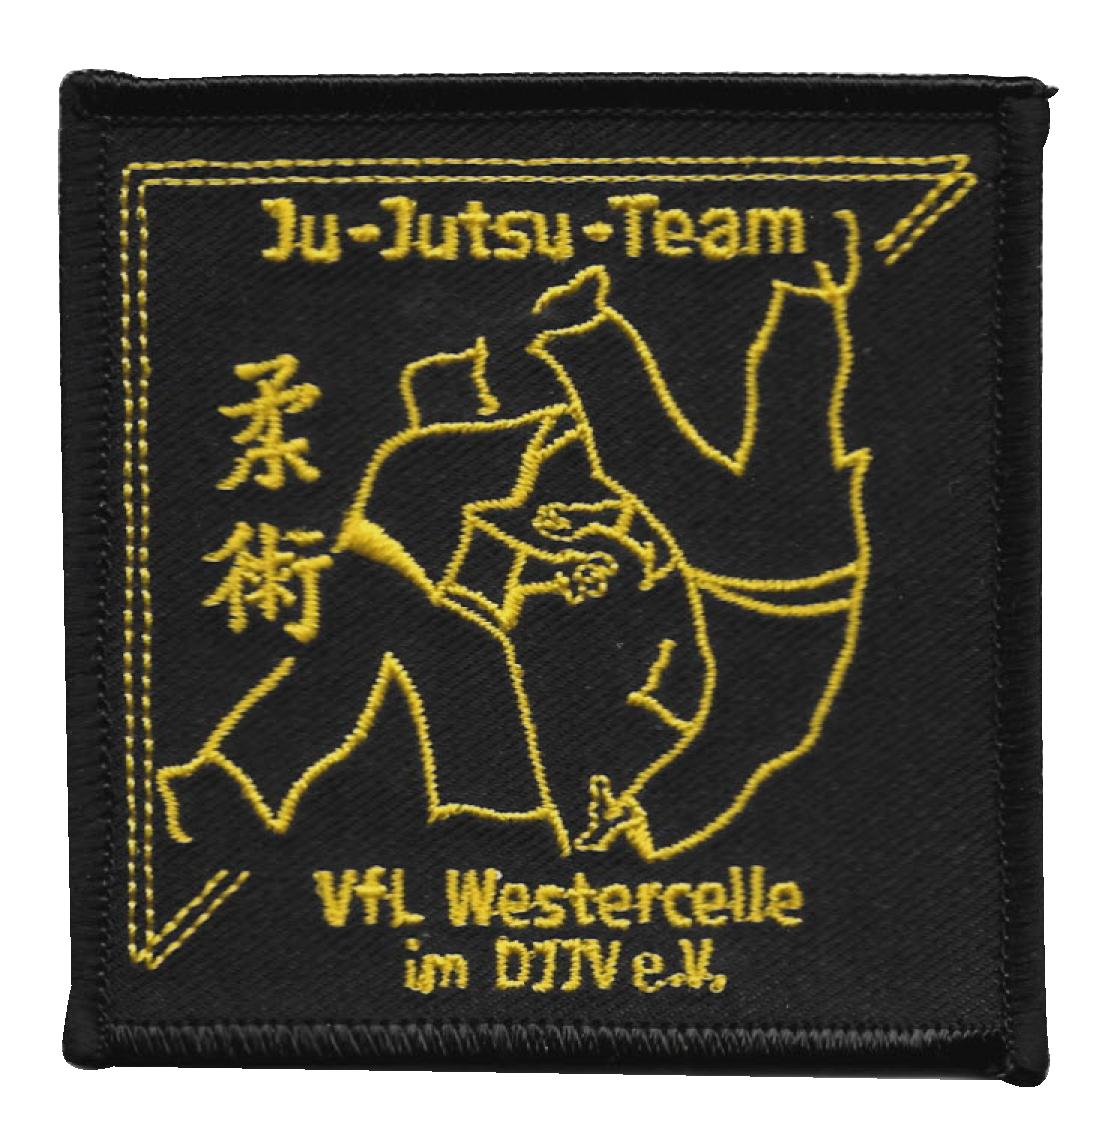 Vfl Westercelle Ju Jutsu Mehr Als Bodenständig